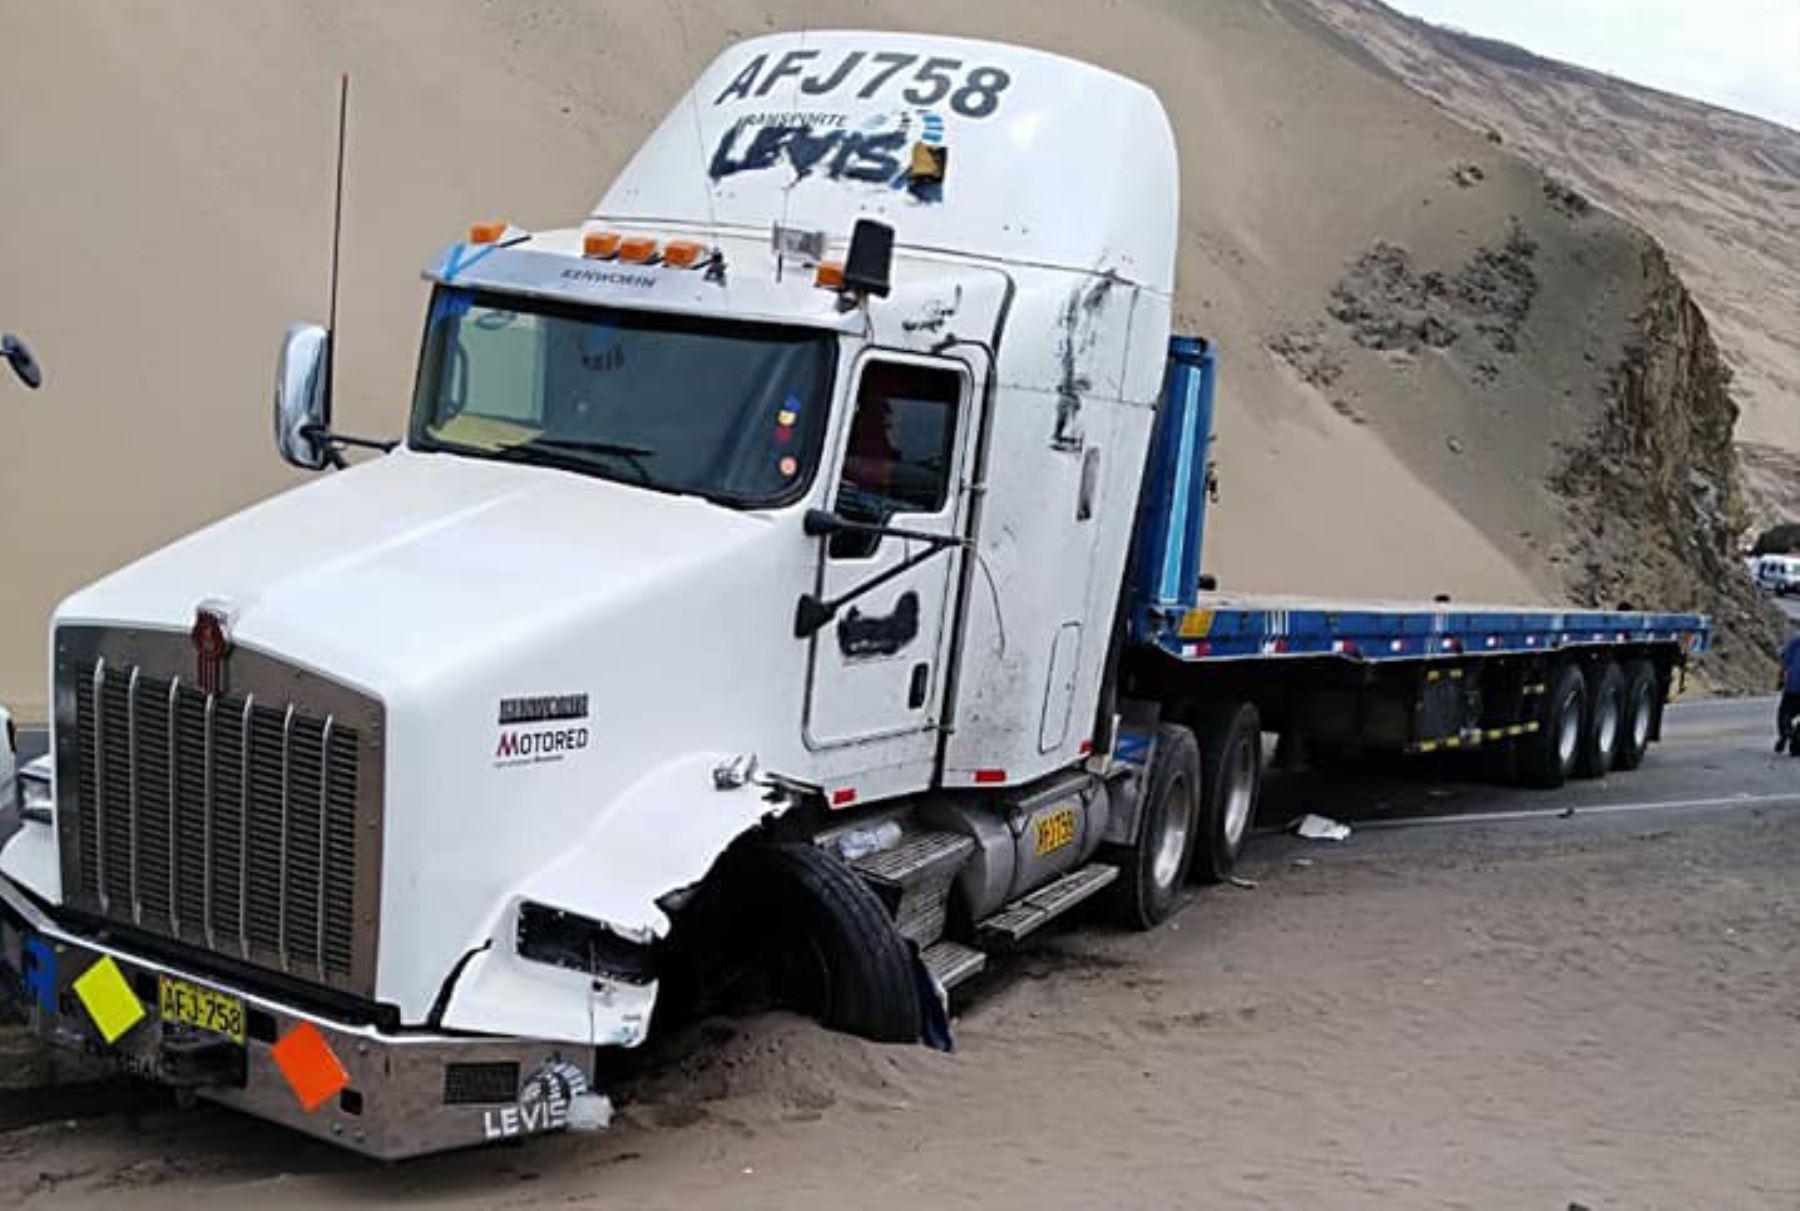 El camión remolcador que protagonizó en la víspera un choque con un bus de transporte interprovincial en Pasamayo tenía vencido el certificado de inspección técnica vehicular, reveló la Superintendencia de Transporte Terrestre de Personas, Carga y Mercancías (Sutran). Foto: Twitter.